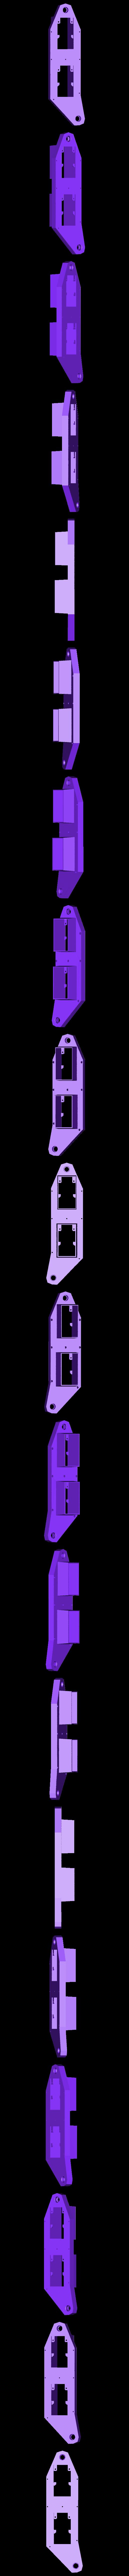 frame_leg_part_1_L.stl Download free STL file RoboDog v1.0 • 3D printing object, robolab19